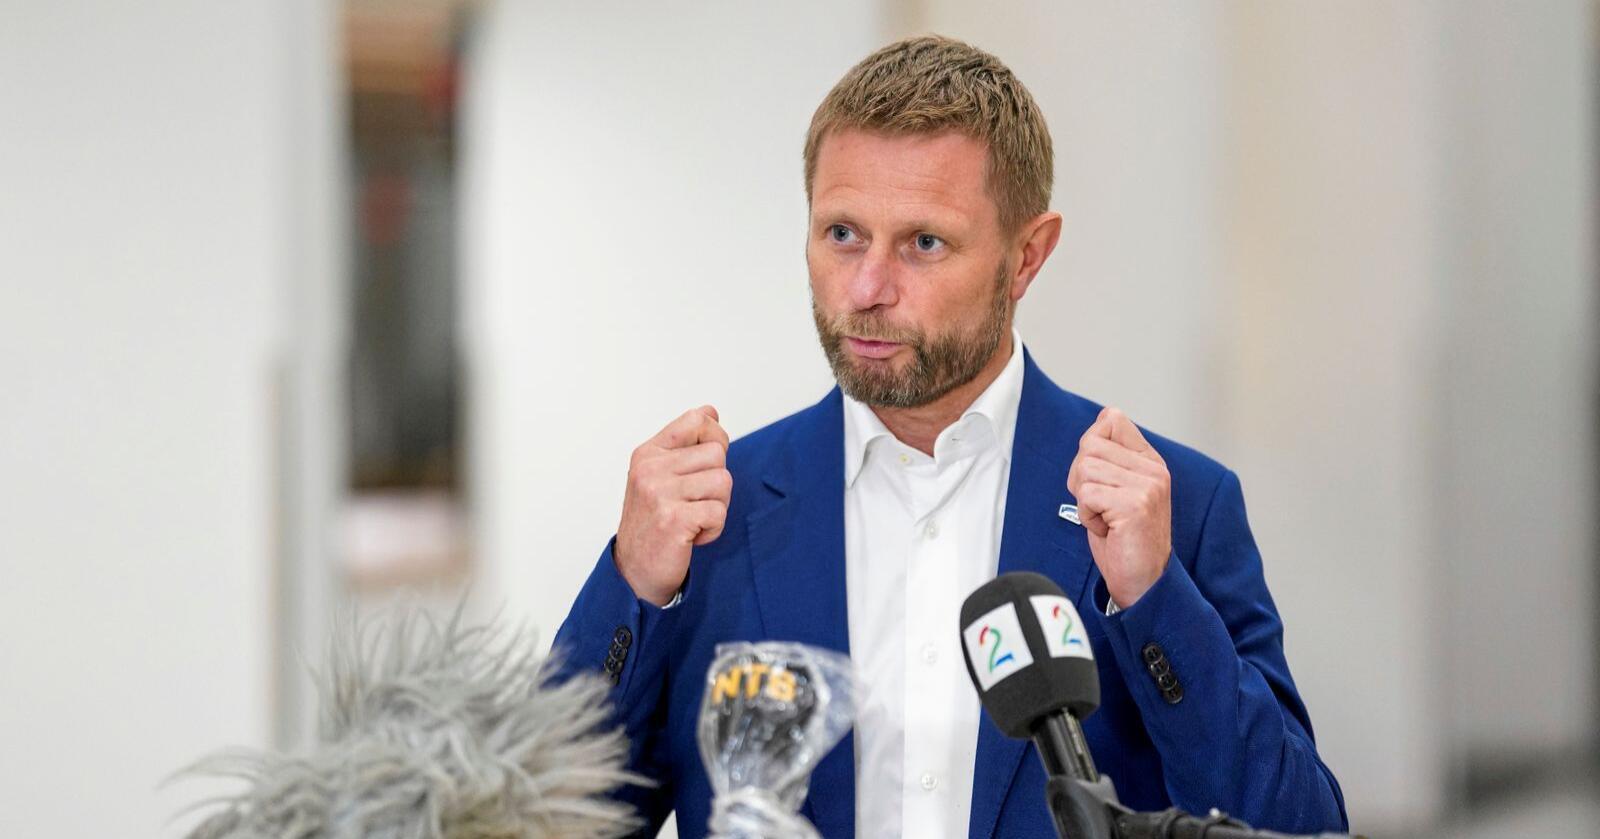 Bent Høies uttalelser vitner om en helseminister som ikke har nok innsikt i hvordan hverdagen er i kommunene, skriver Ap-ordførerne. Foto: Fredrik Hagen / NTB